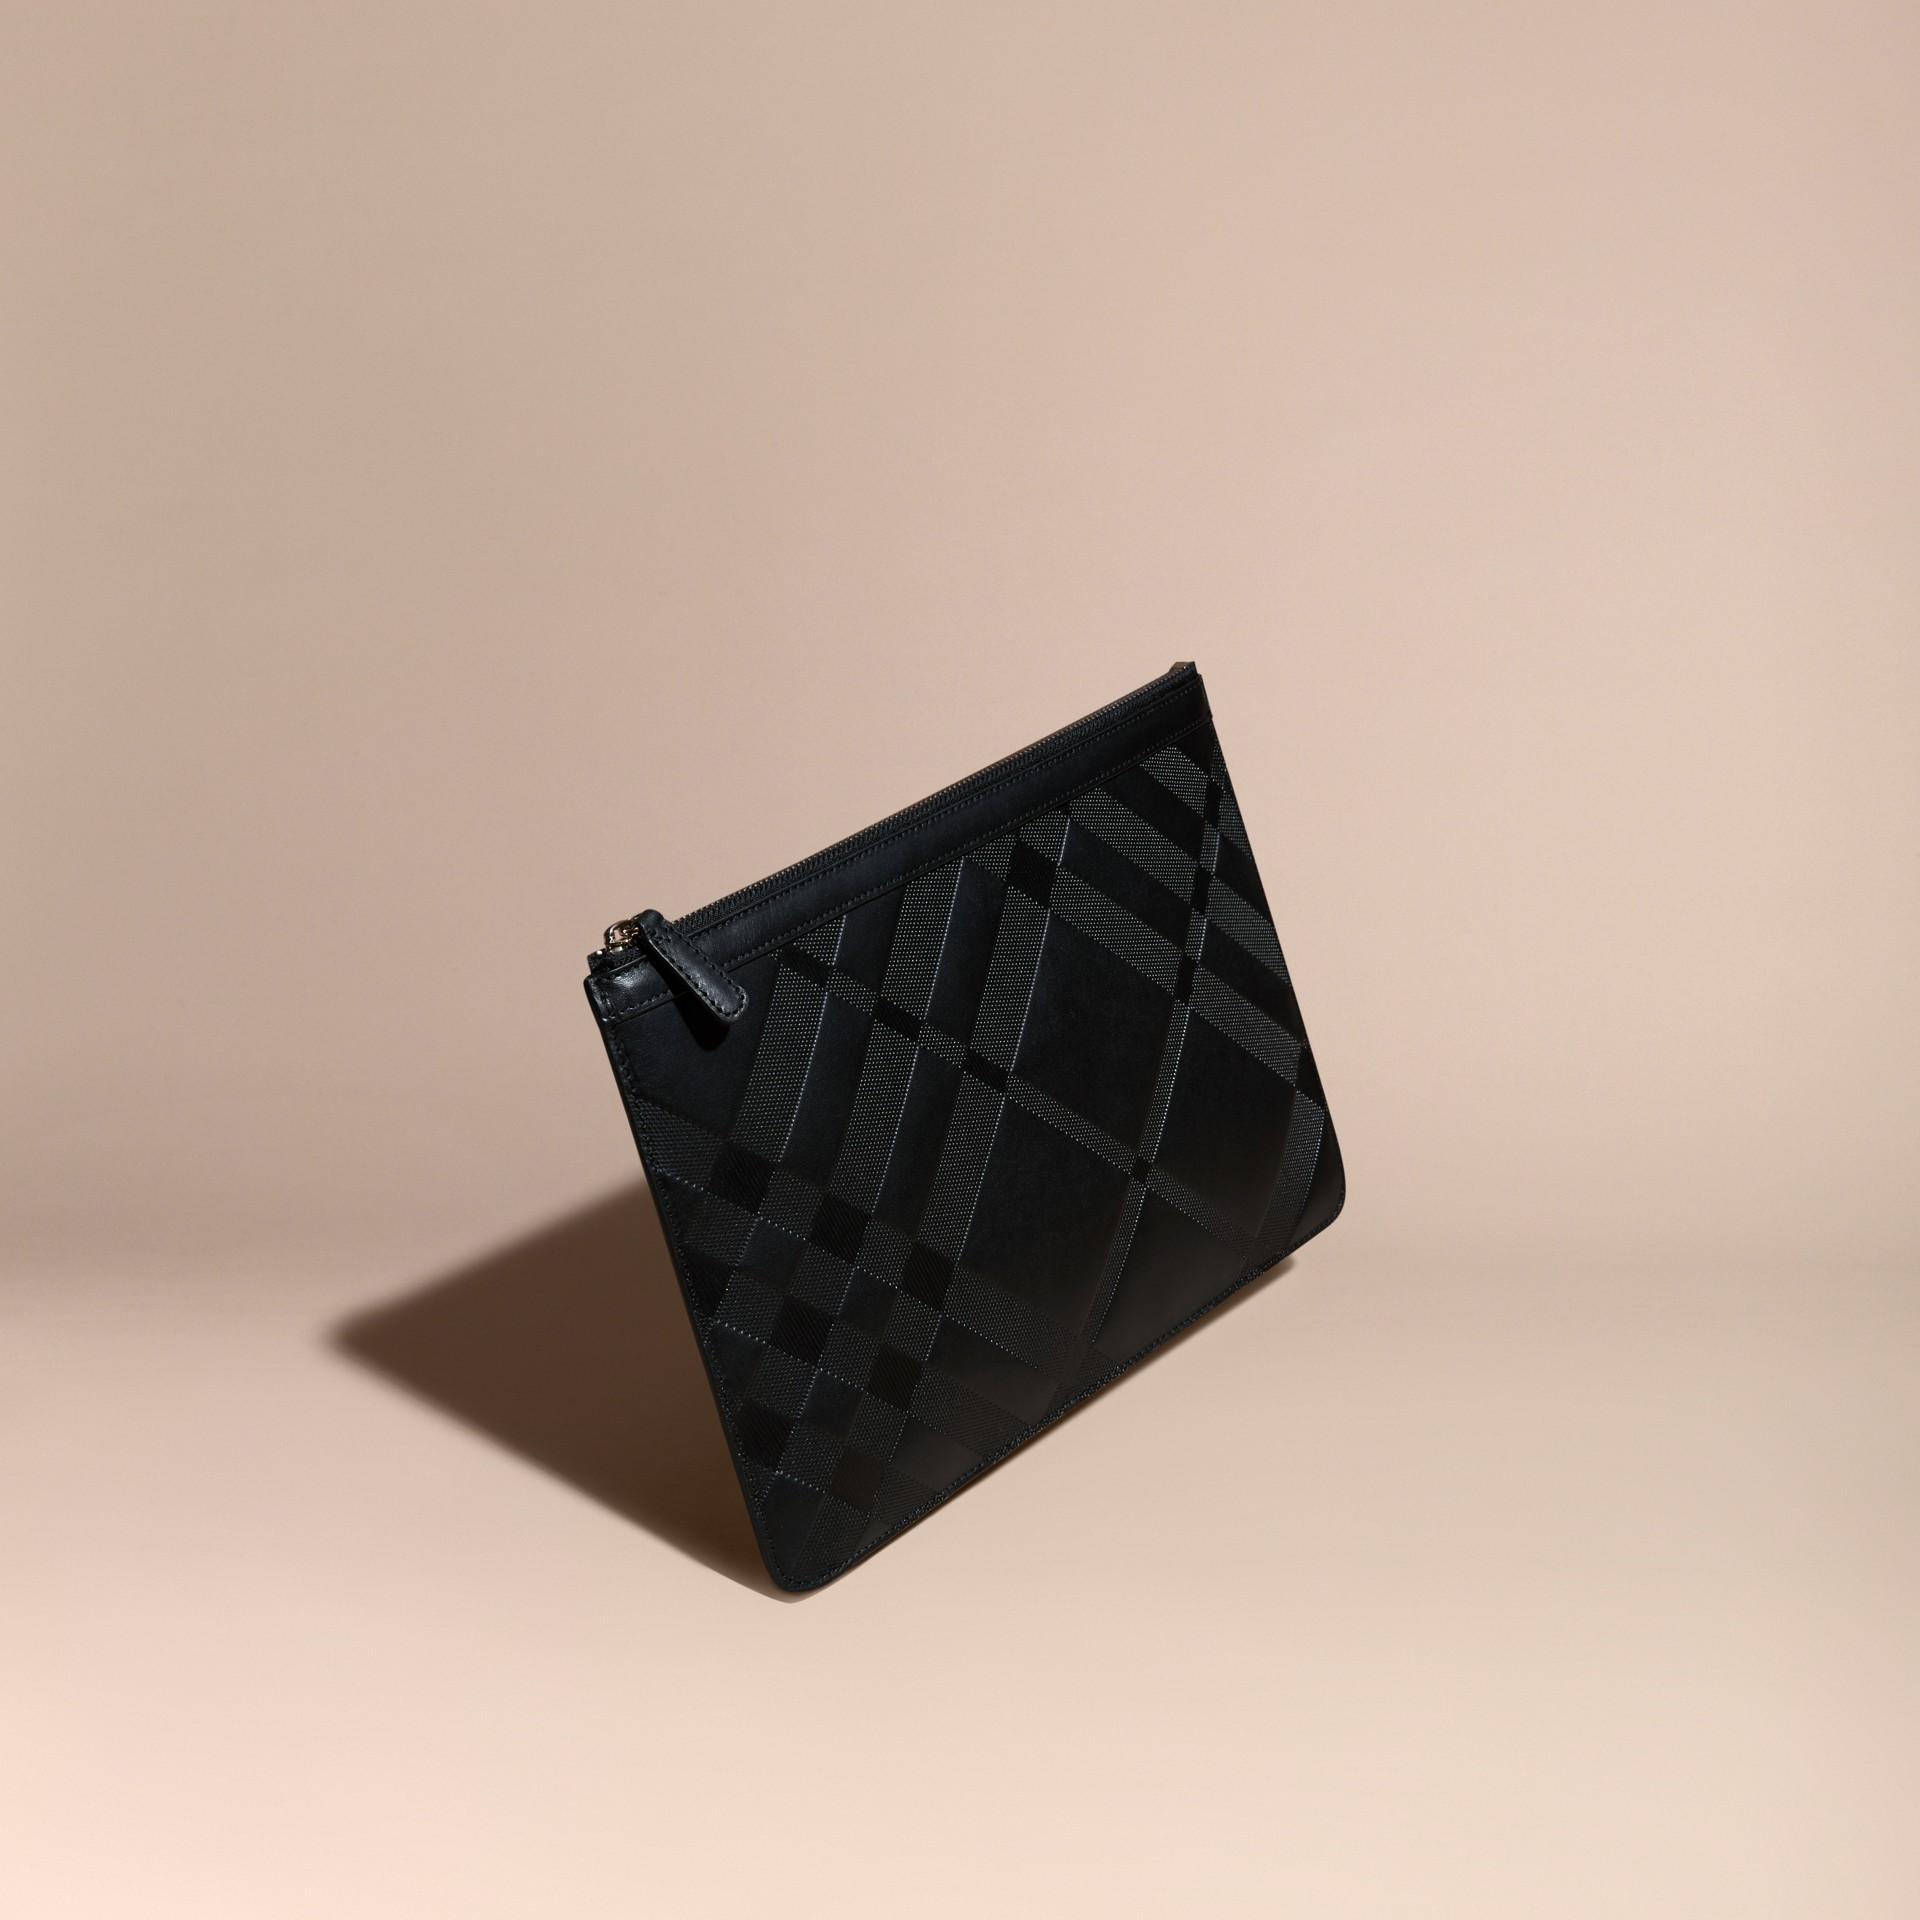 Черный Сумка-кошелек из кожи с тиснением Черный - изображение 1